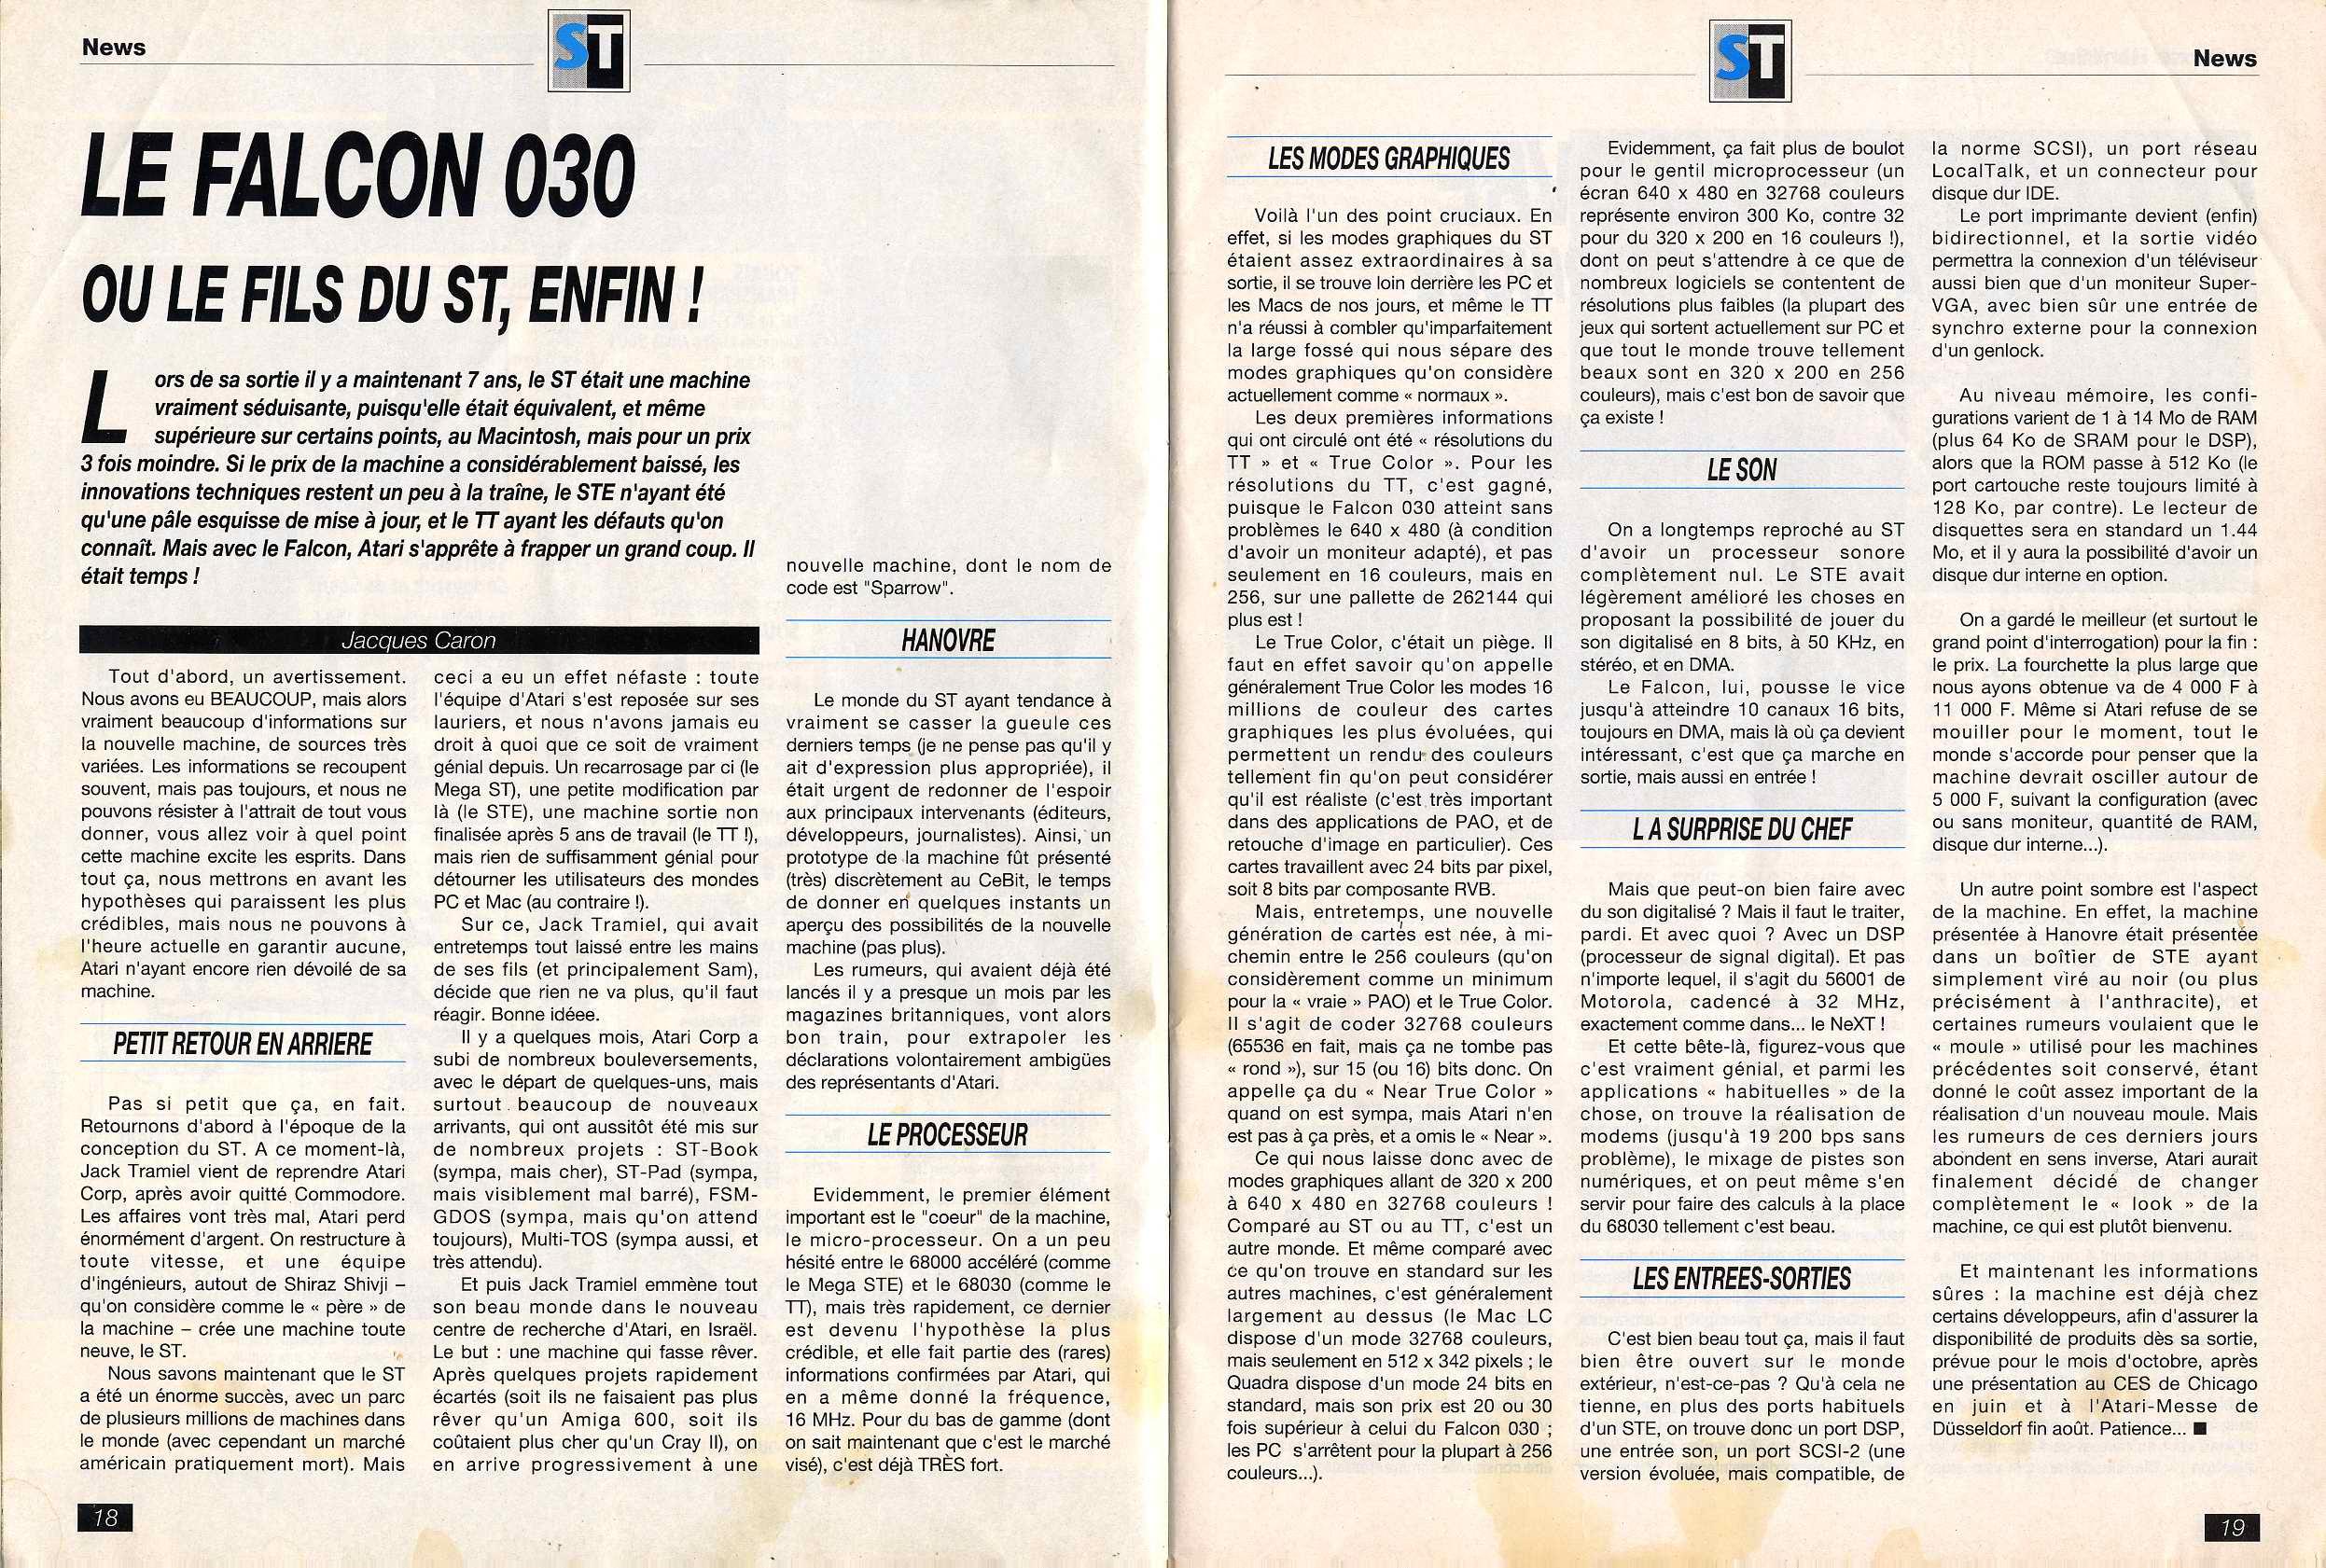 Falcon030 vs Amiga 1200 - Page 2 St%20magazine%20-%20N061%20-%20mai%201992%20-%20page018%20et%20019